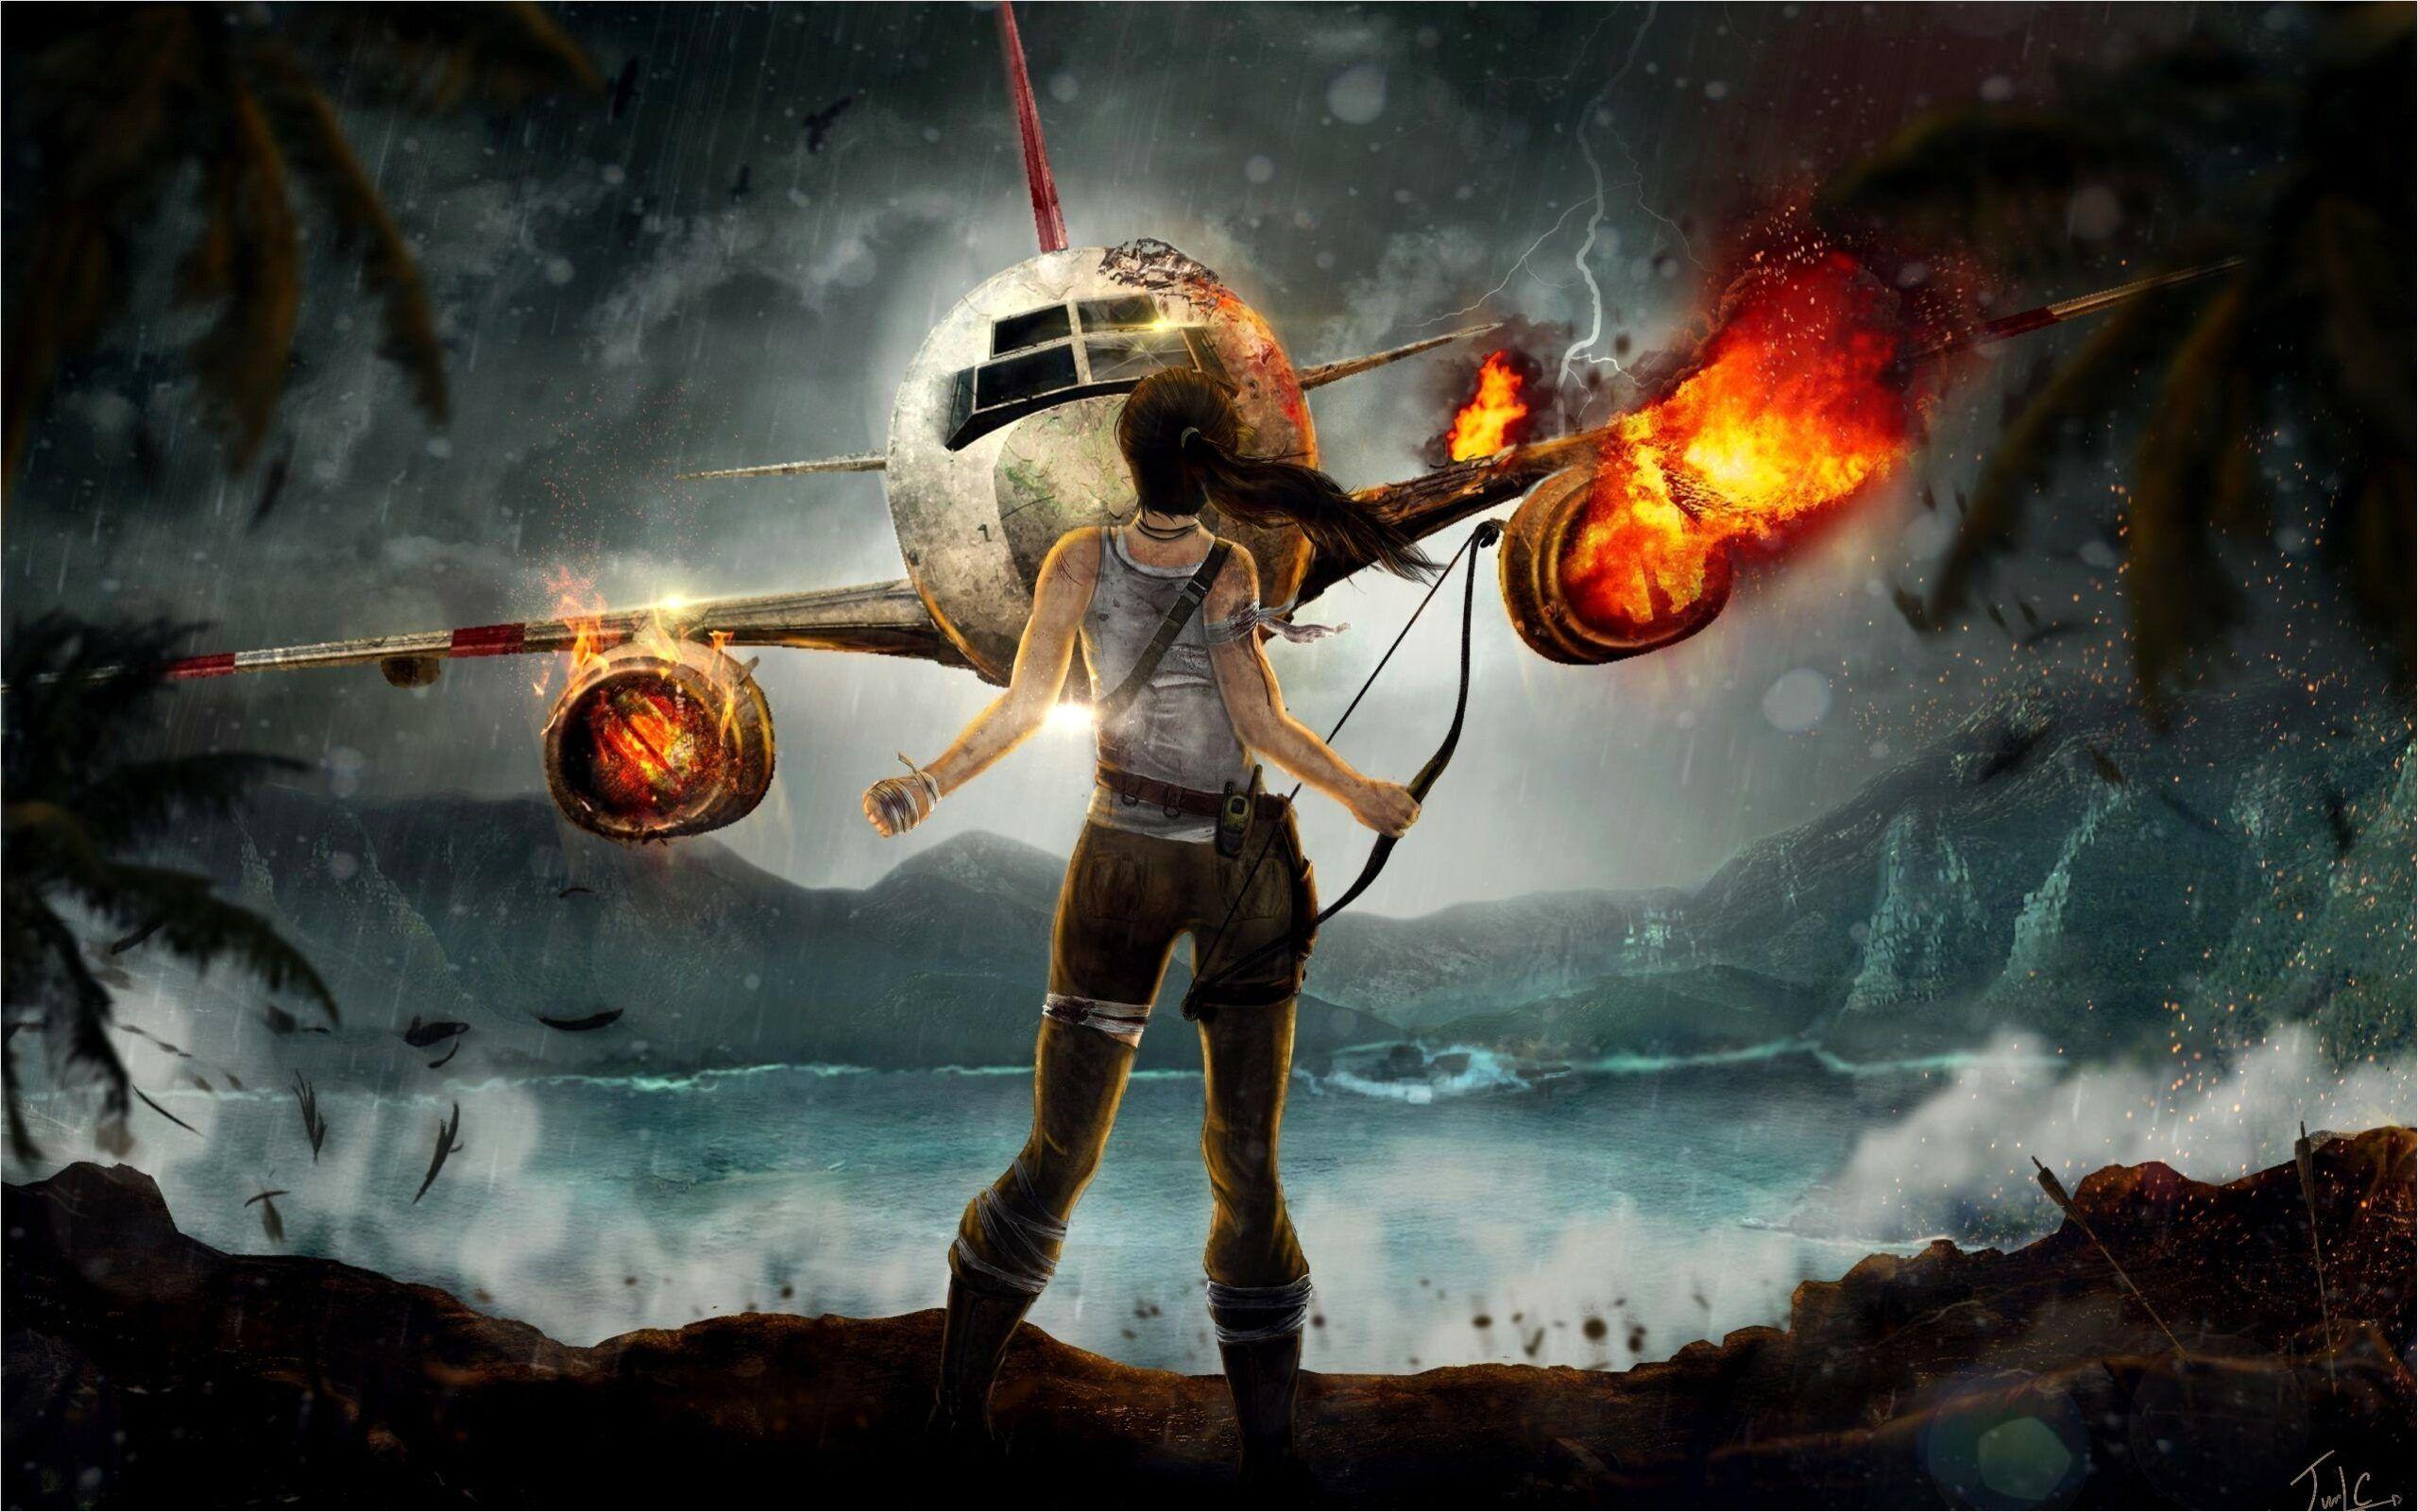 4k Wallpaper Gaming Pack In 2020 Tomb Raider Wallpaper Raiders Wallpaper Tomb Raider